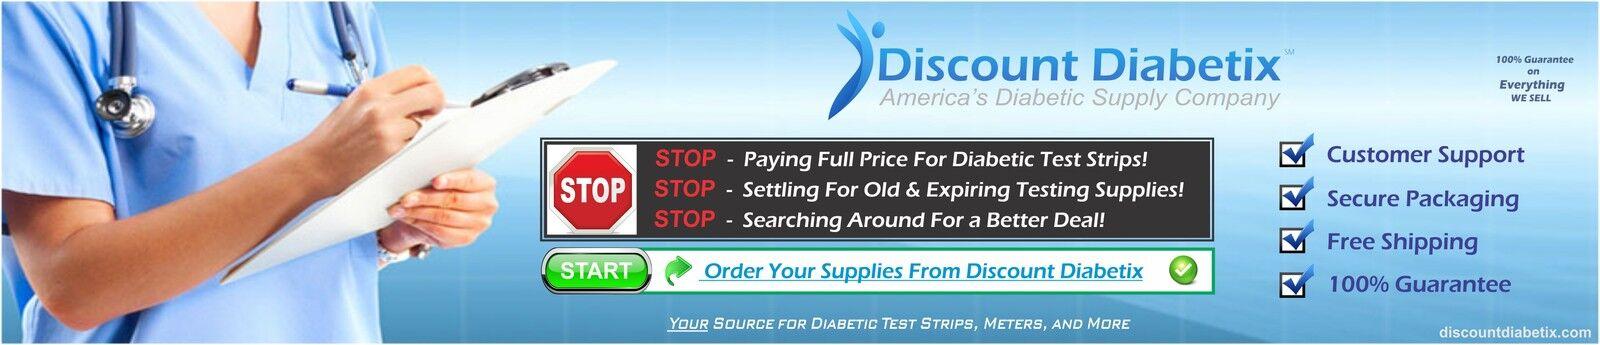 discount-diabetix